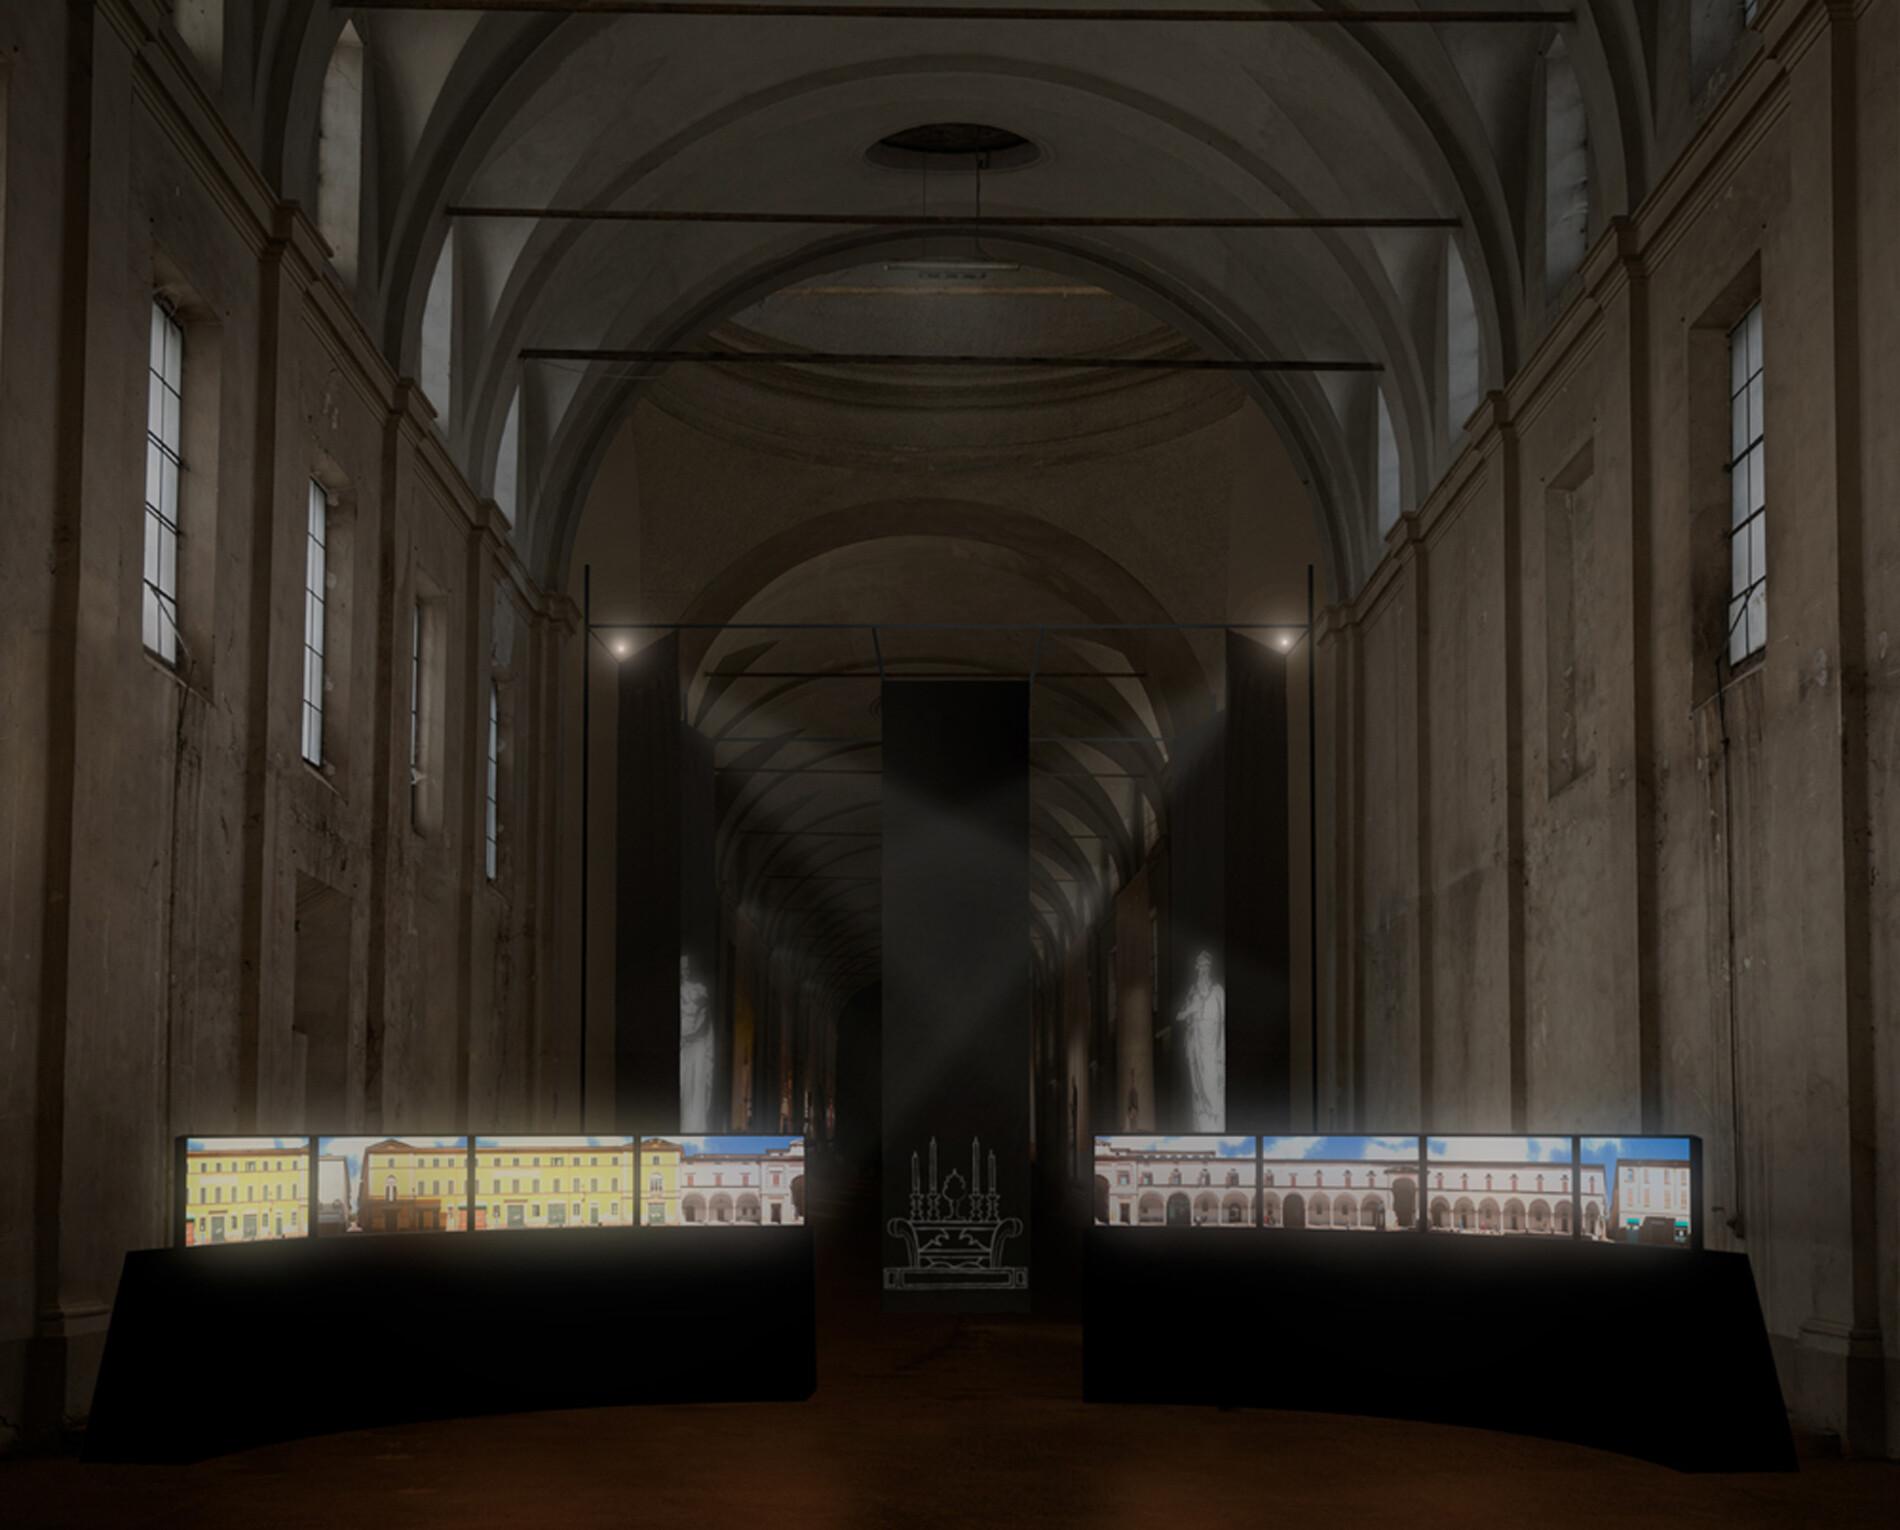 Hospitale - Il futuro della memoria La storia dell'Ospedale Vecchio in un'installazione video per due attori e i loro corpi